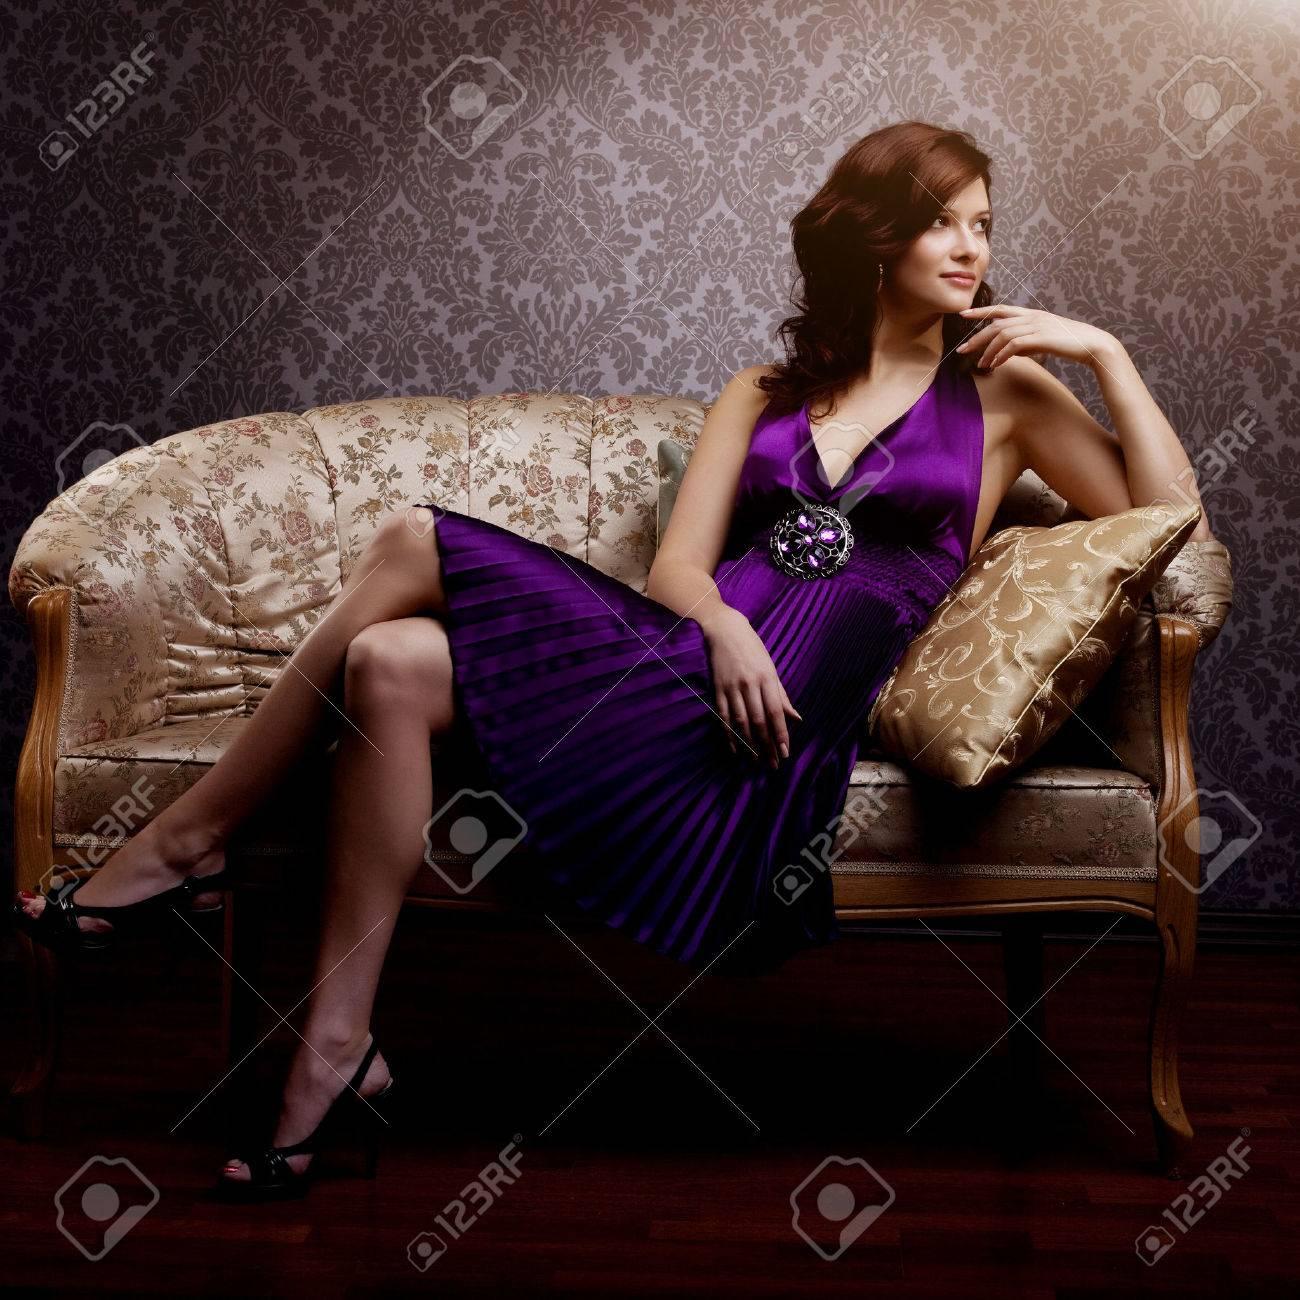 Фото девочка на диване 16 фотография